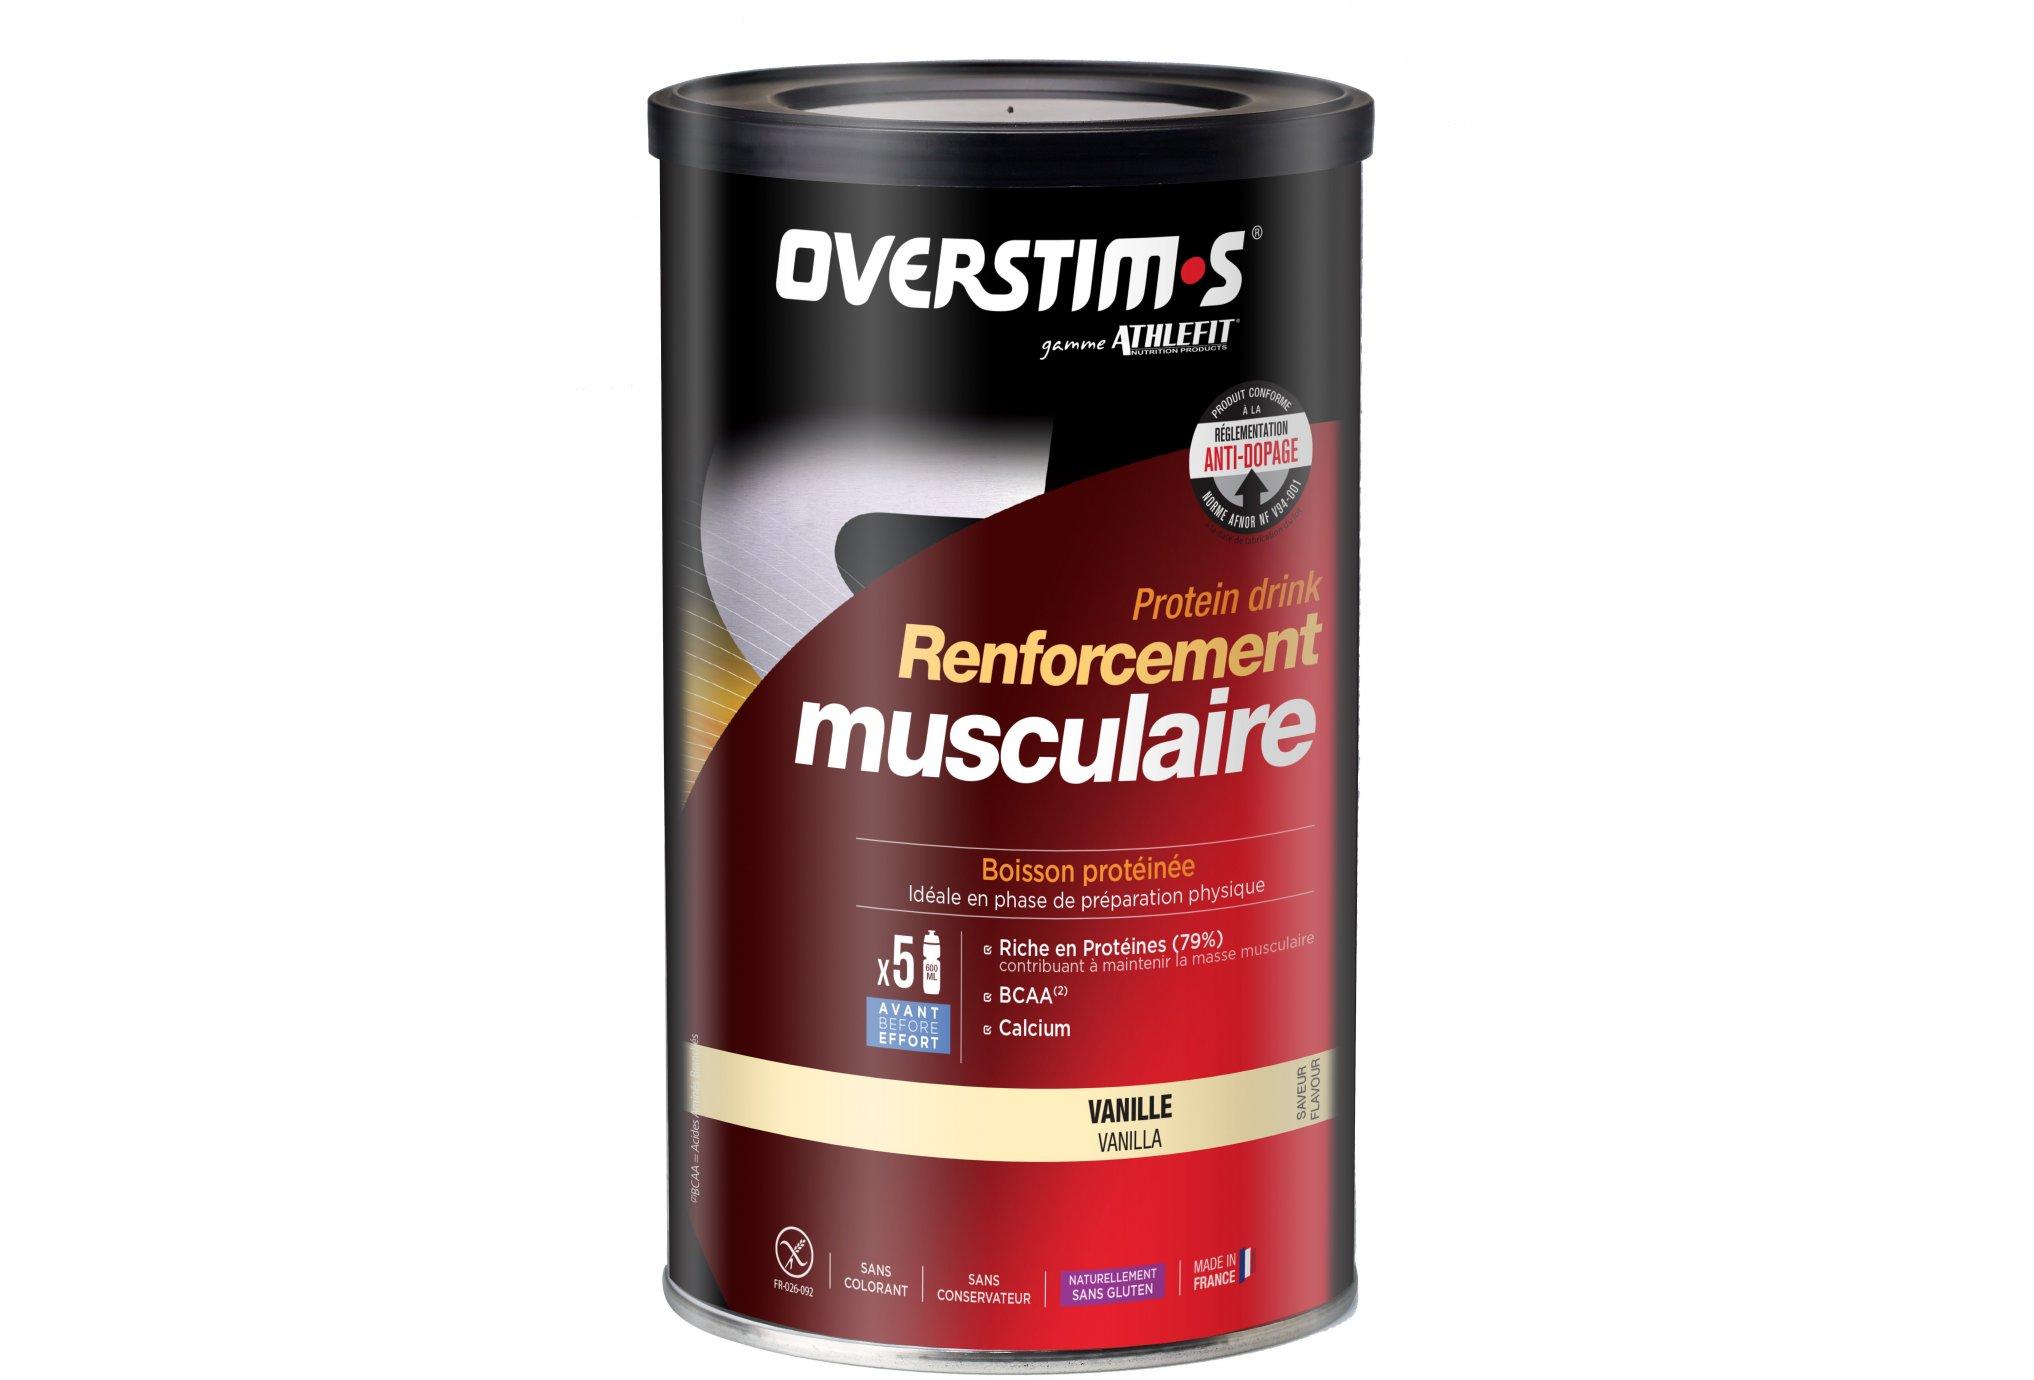 OVERSTIMS Renforcement Musculaire 300 g - Vanille Diététique Protéines / récupération